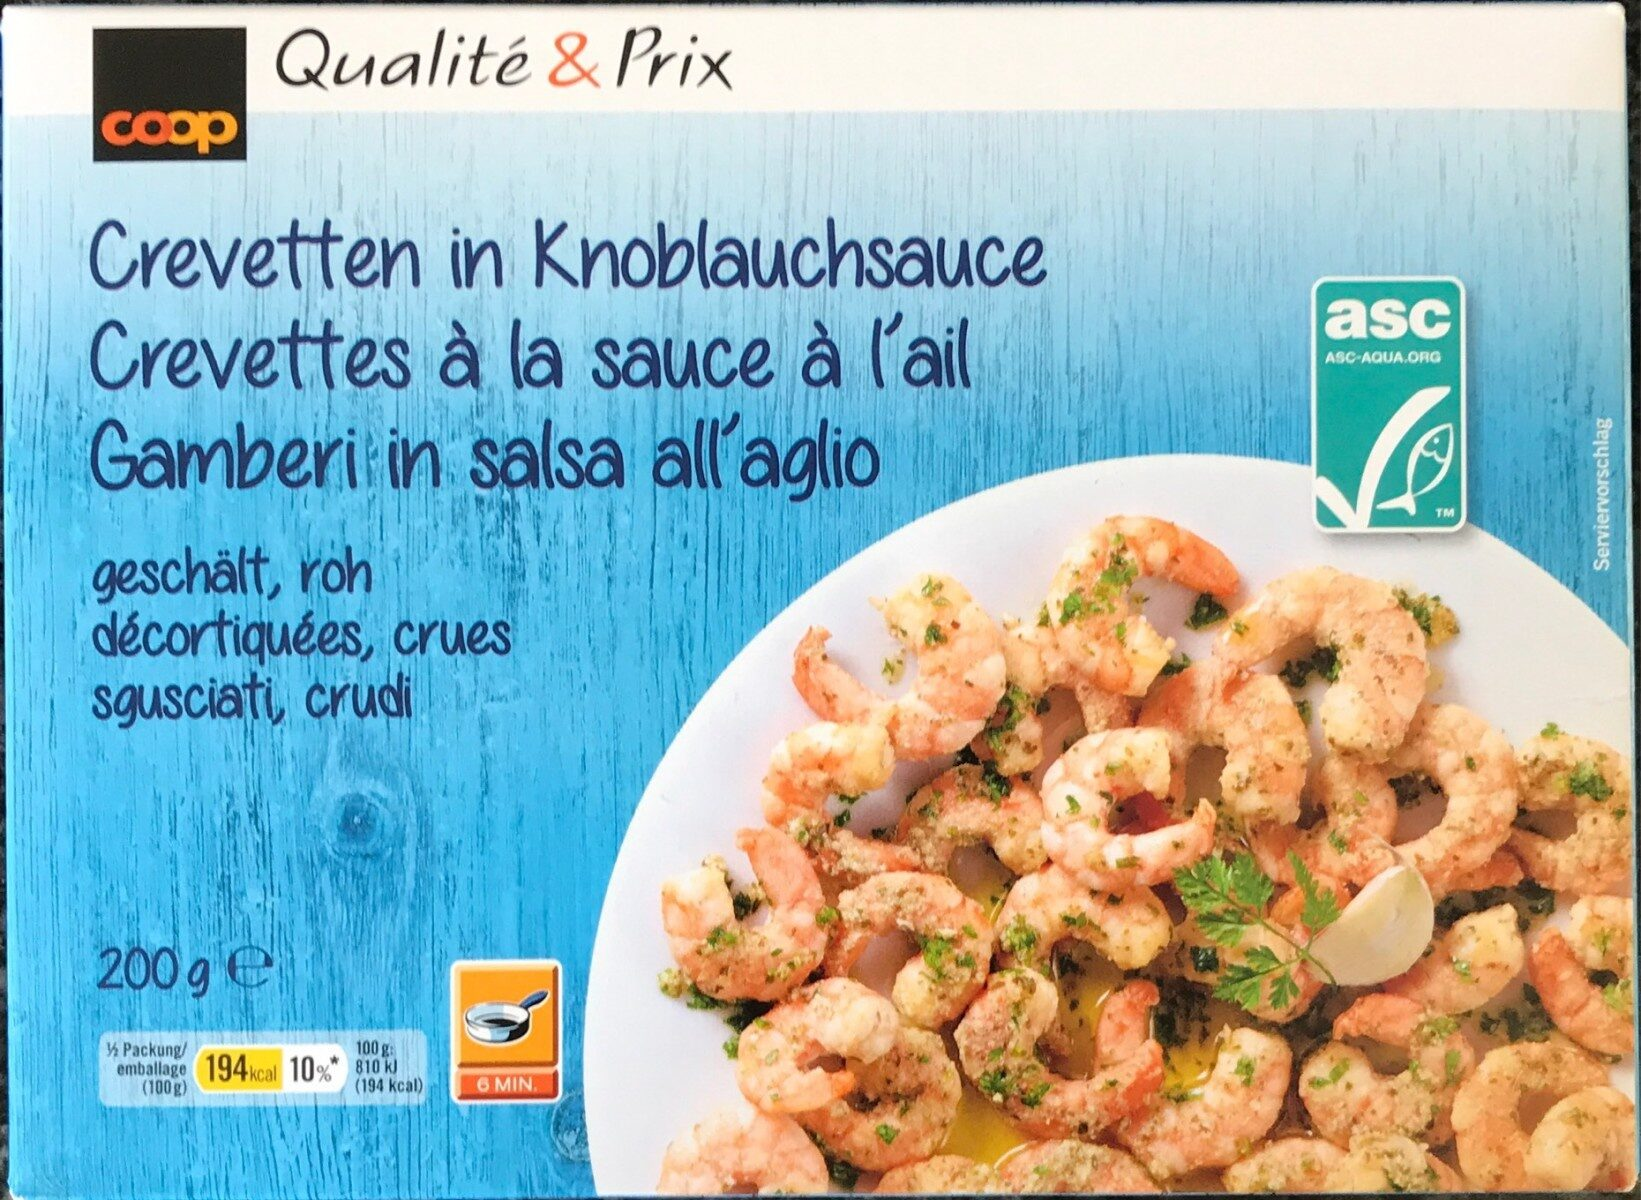 Crevettes à la sauce à l'ail - Product - fr